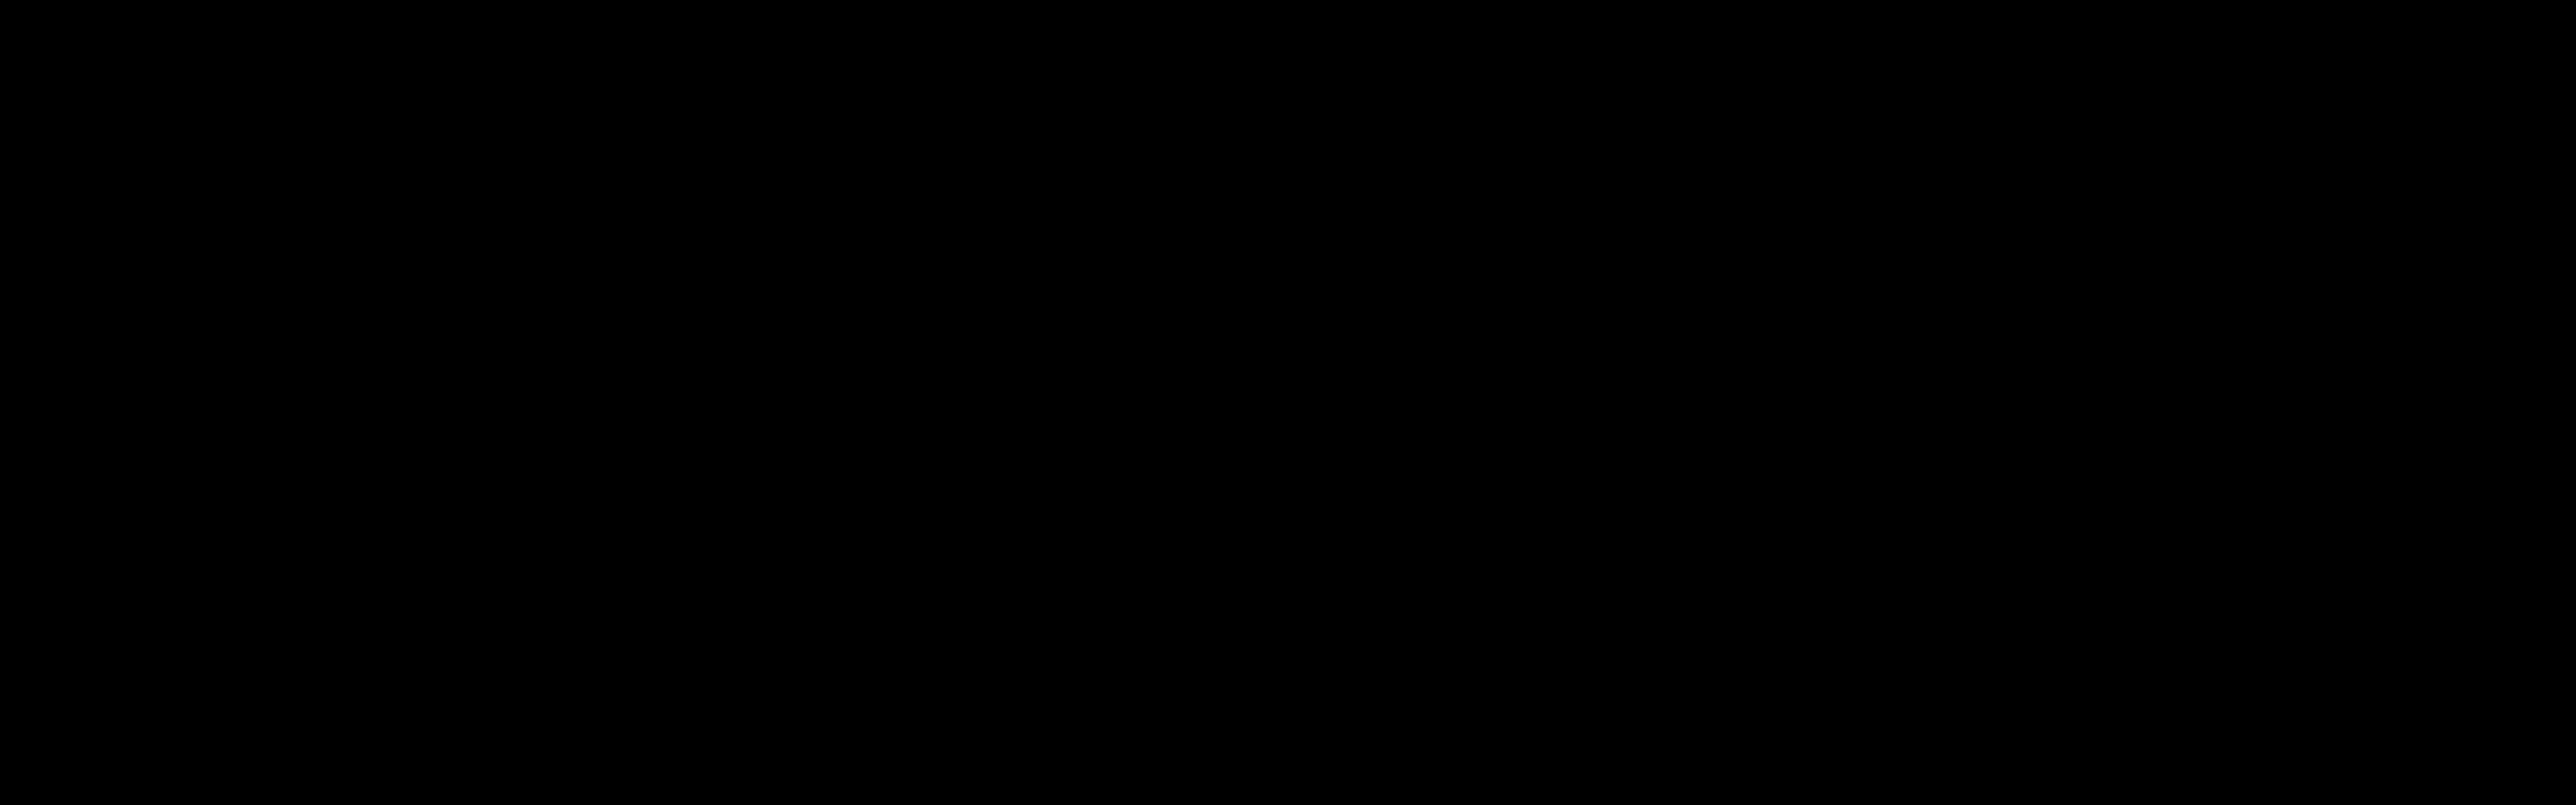 Der neue Mazda CX-5 2022